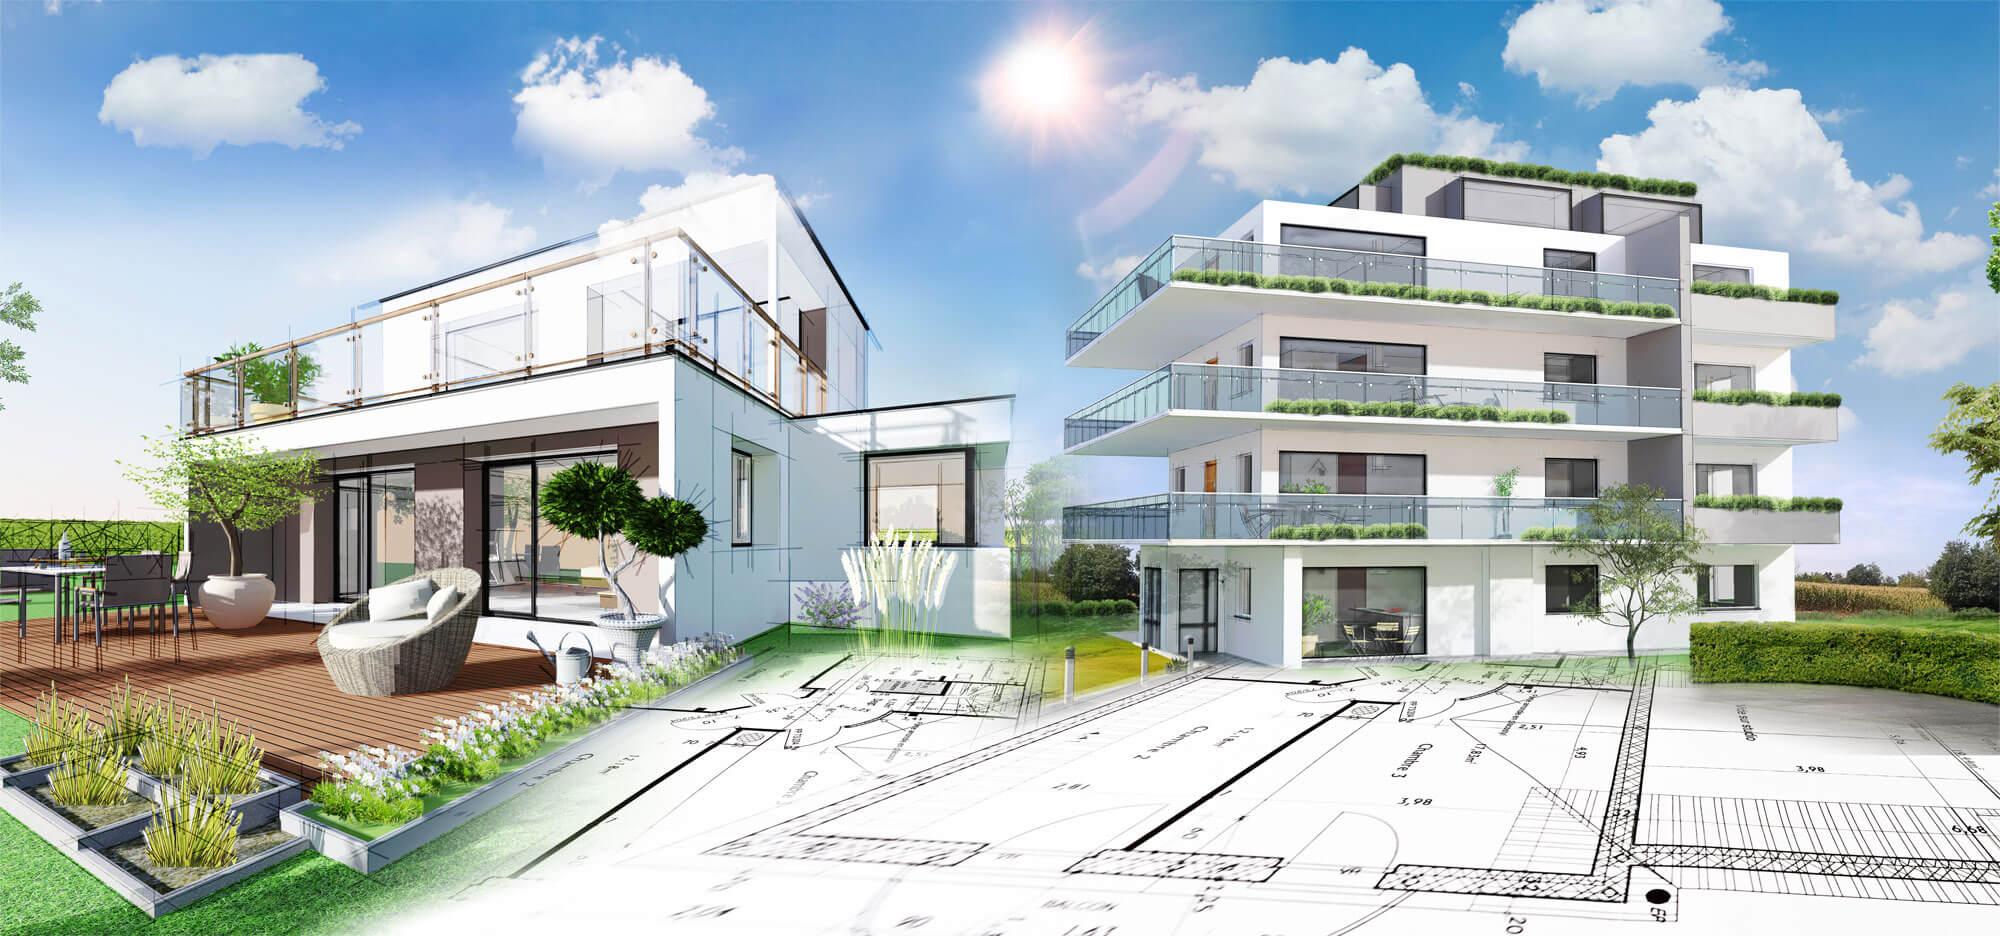 Agenzia immobiliare spazio casa trento for Ammobiliare casa